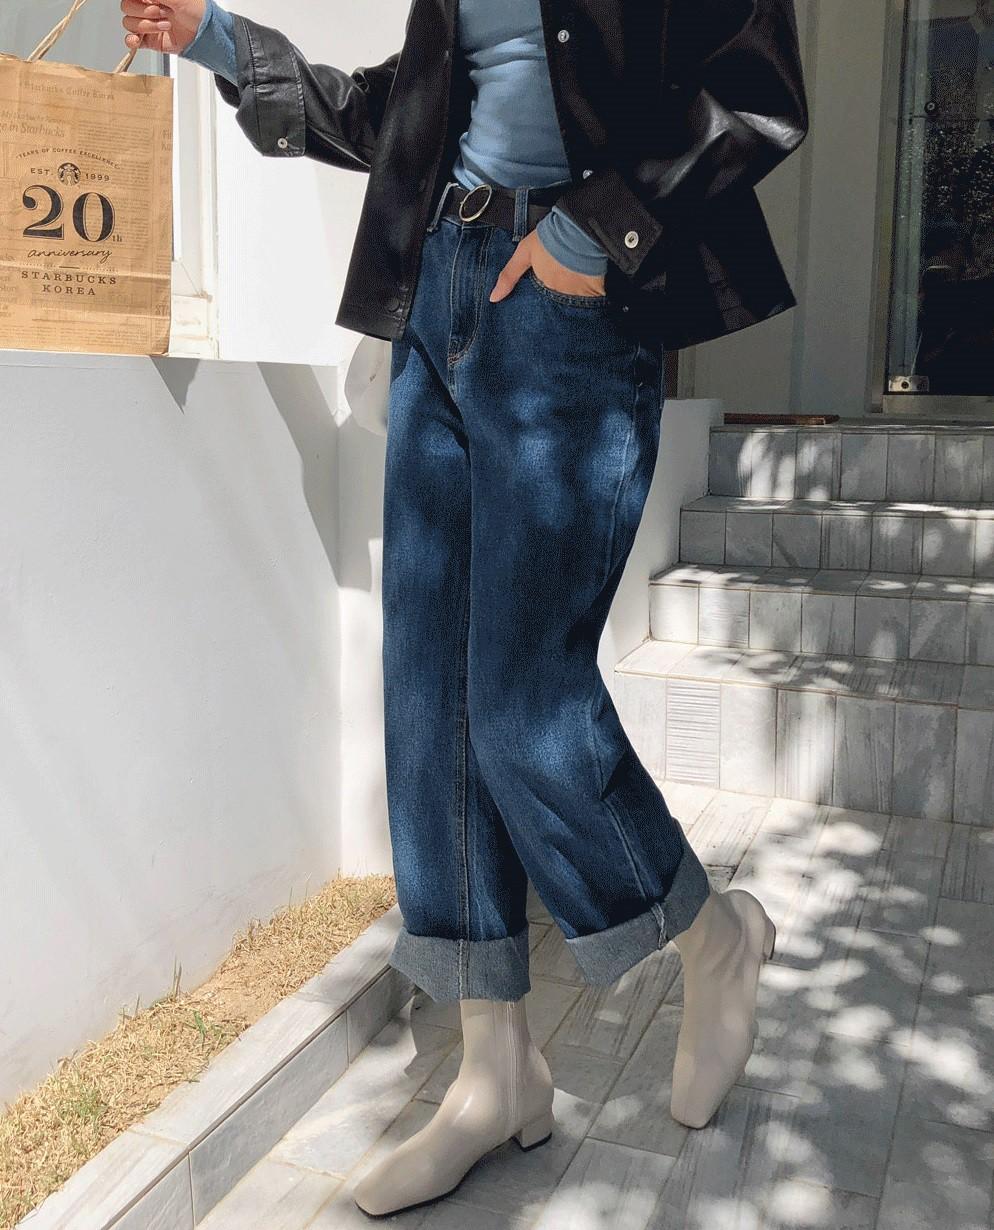 Muốn mặc đẹp không góc chết, chị em đừng sắm 4 đôi boots sau bởi kiểu thì lỗi mốt, kiểu trông đến là nhàm - Ảnh 9